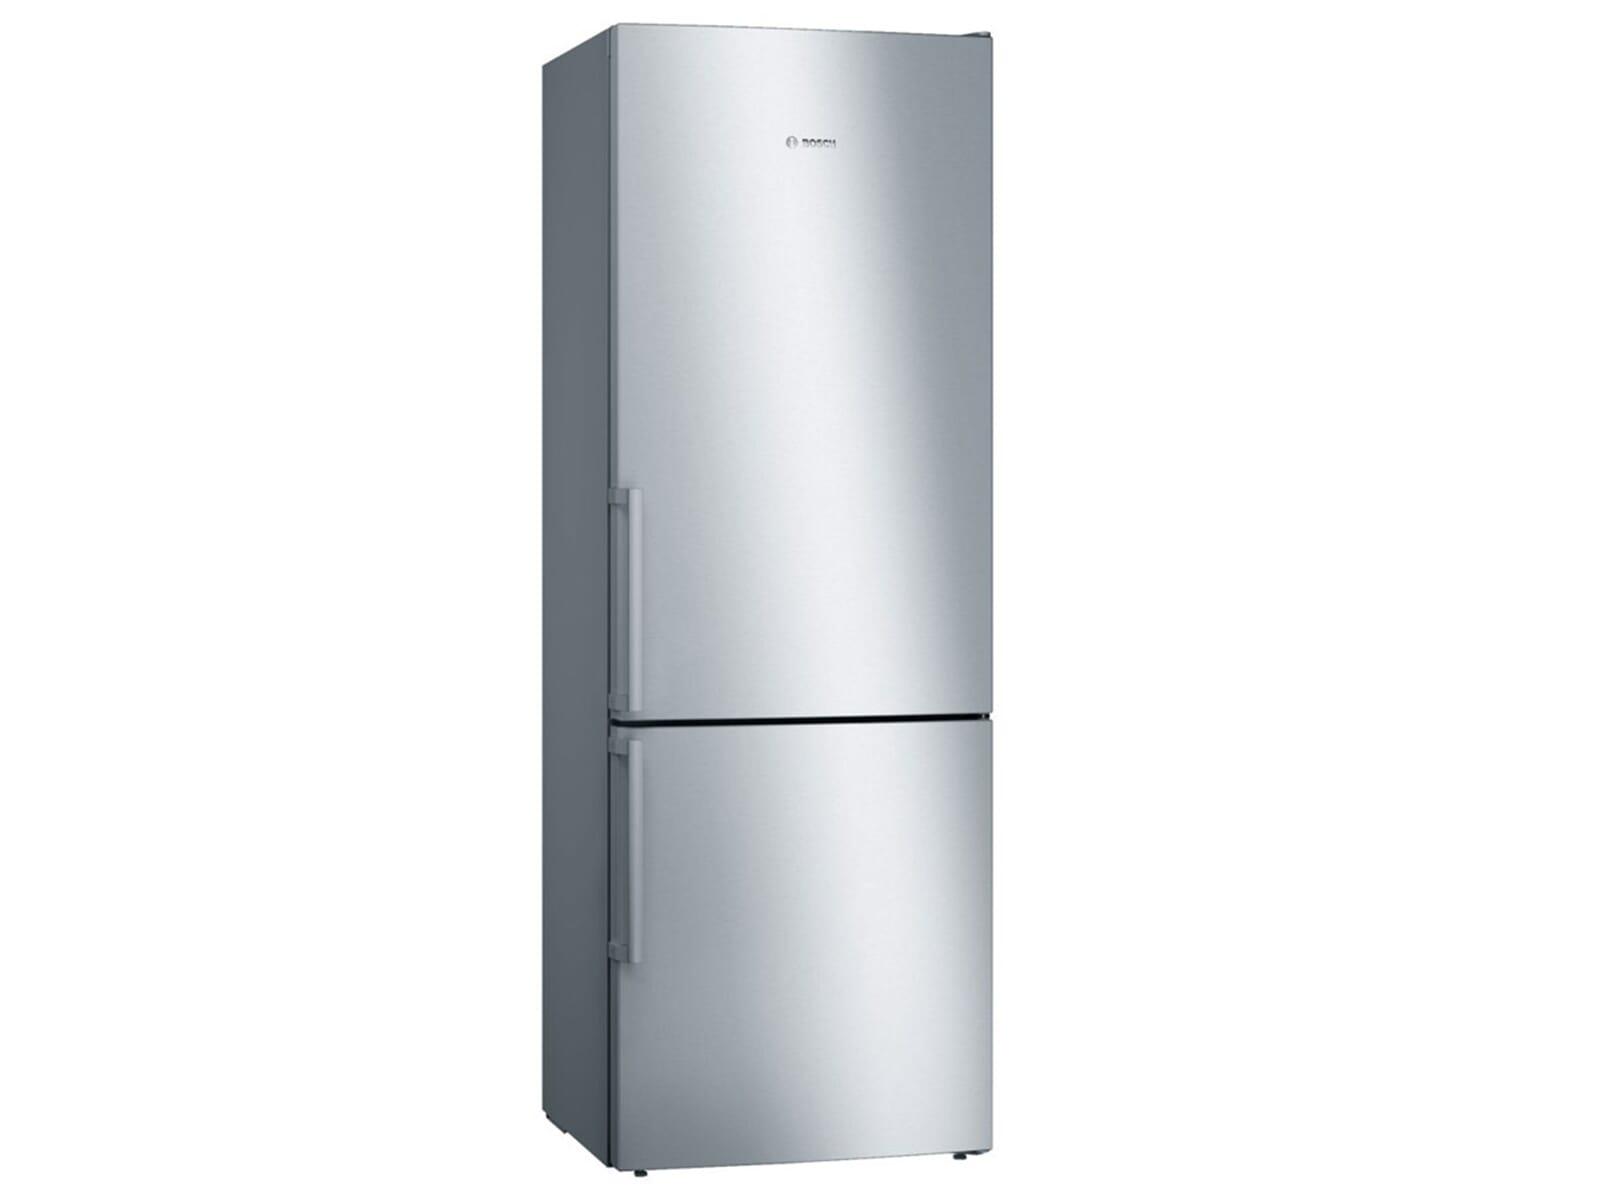 Siemens Kühlschrank Tür Justieren : Kühlschrank schlepptür einstellen kühlschrank modelle